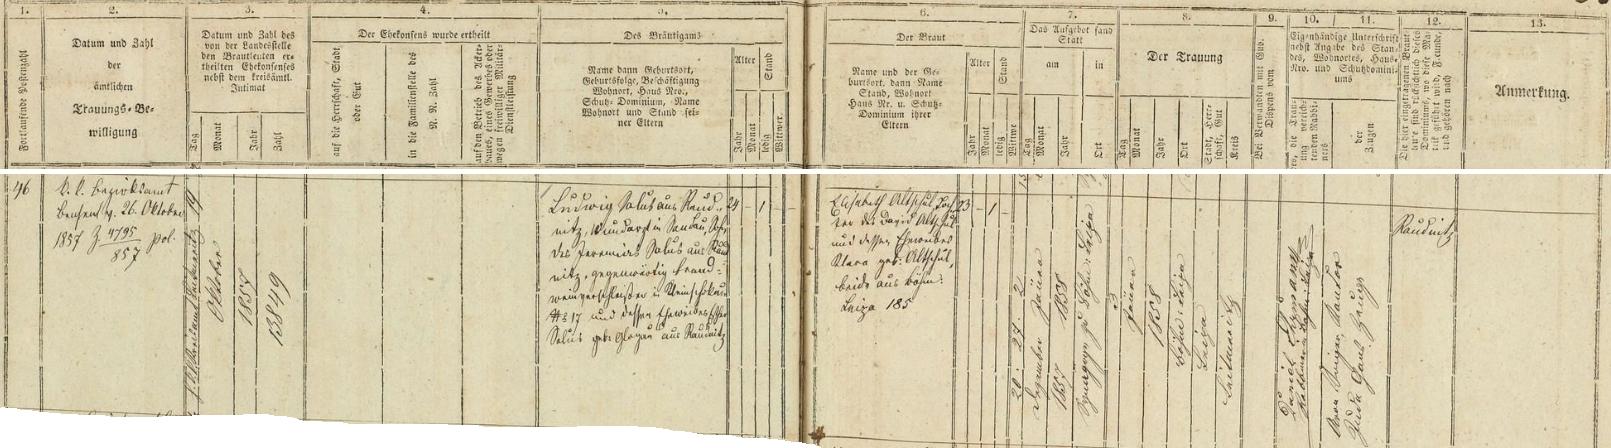 """Záznam českolipské židovské matriky vypovídá o zdejší svatbě jeho rodičů dne 3. ledna roku 1858 - čtyřiadvacetiletý ženich Ludwig Salus z Roudnice, lékař v Žandově, byl synem Jaromíra Saluse z Roudnice, nyní prodejce kořalky (zde psáno """"Brandweinverschleisser"""") v Malém Šachově (dnes část obce Šachov v okr. Děčín) čp. 17, a jeho ženy Esther, roz. Glogauové z Roudnice, nevěsta Elisabeth byla pak dcerou Davida Altschula a jeho ženy Klary, roz. Altschulové, obou z České Lípy čp. 185 - svědky při svatebním obřadu, který konal českolipský rabín Daniel Ehrmann, byli kantor Aron Singer a s ním Juda Gans"""